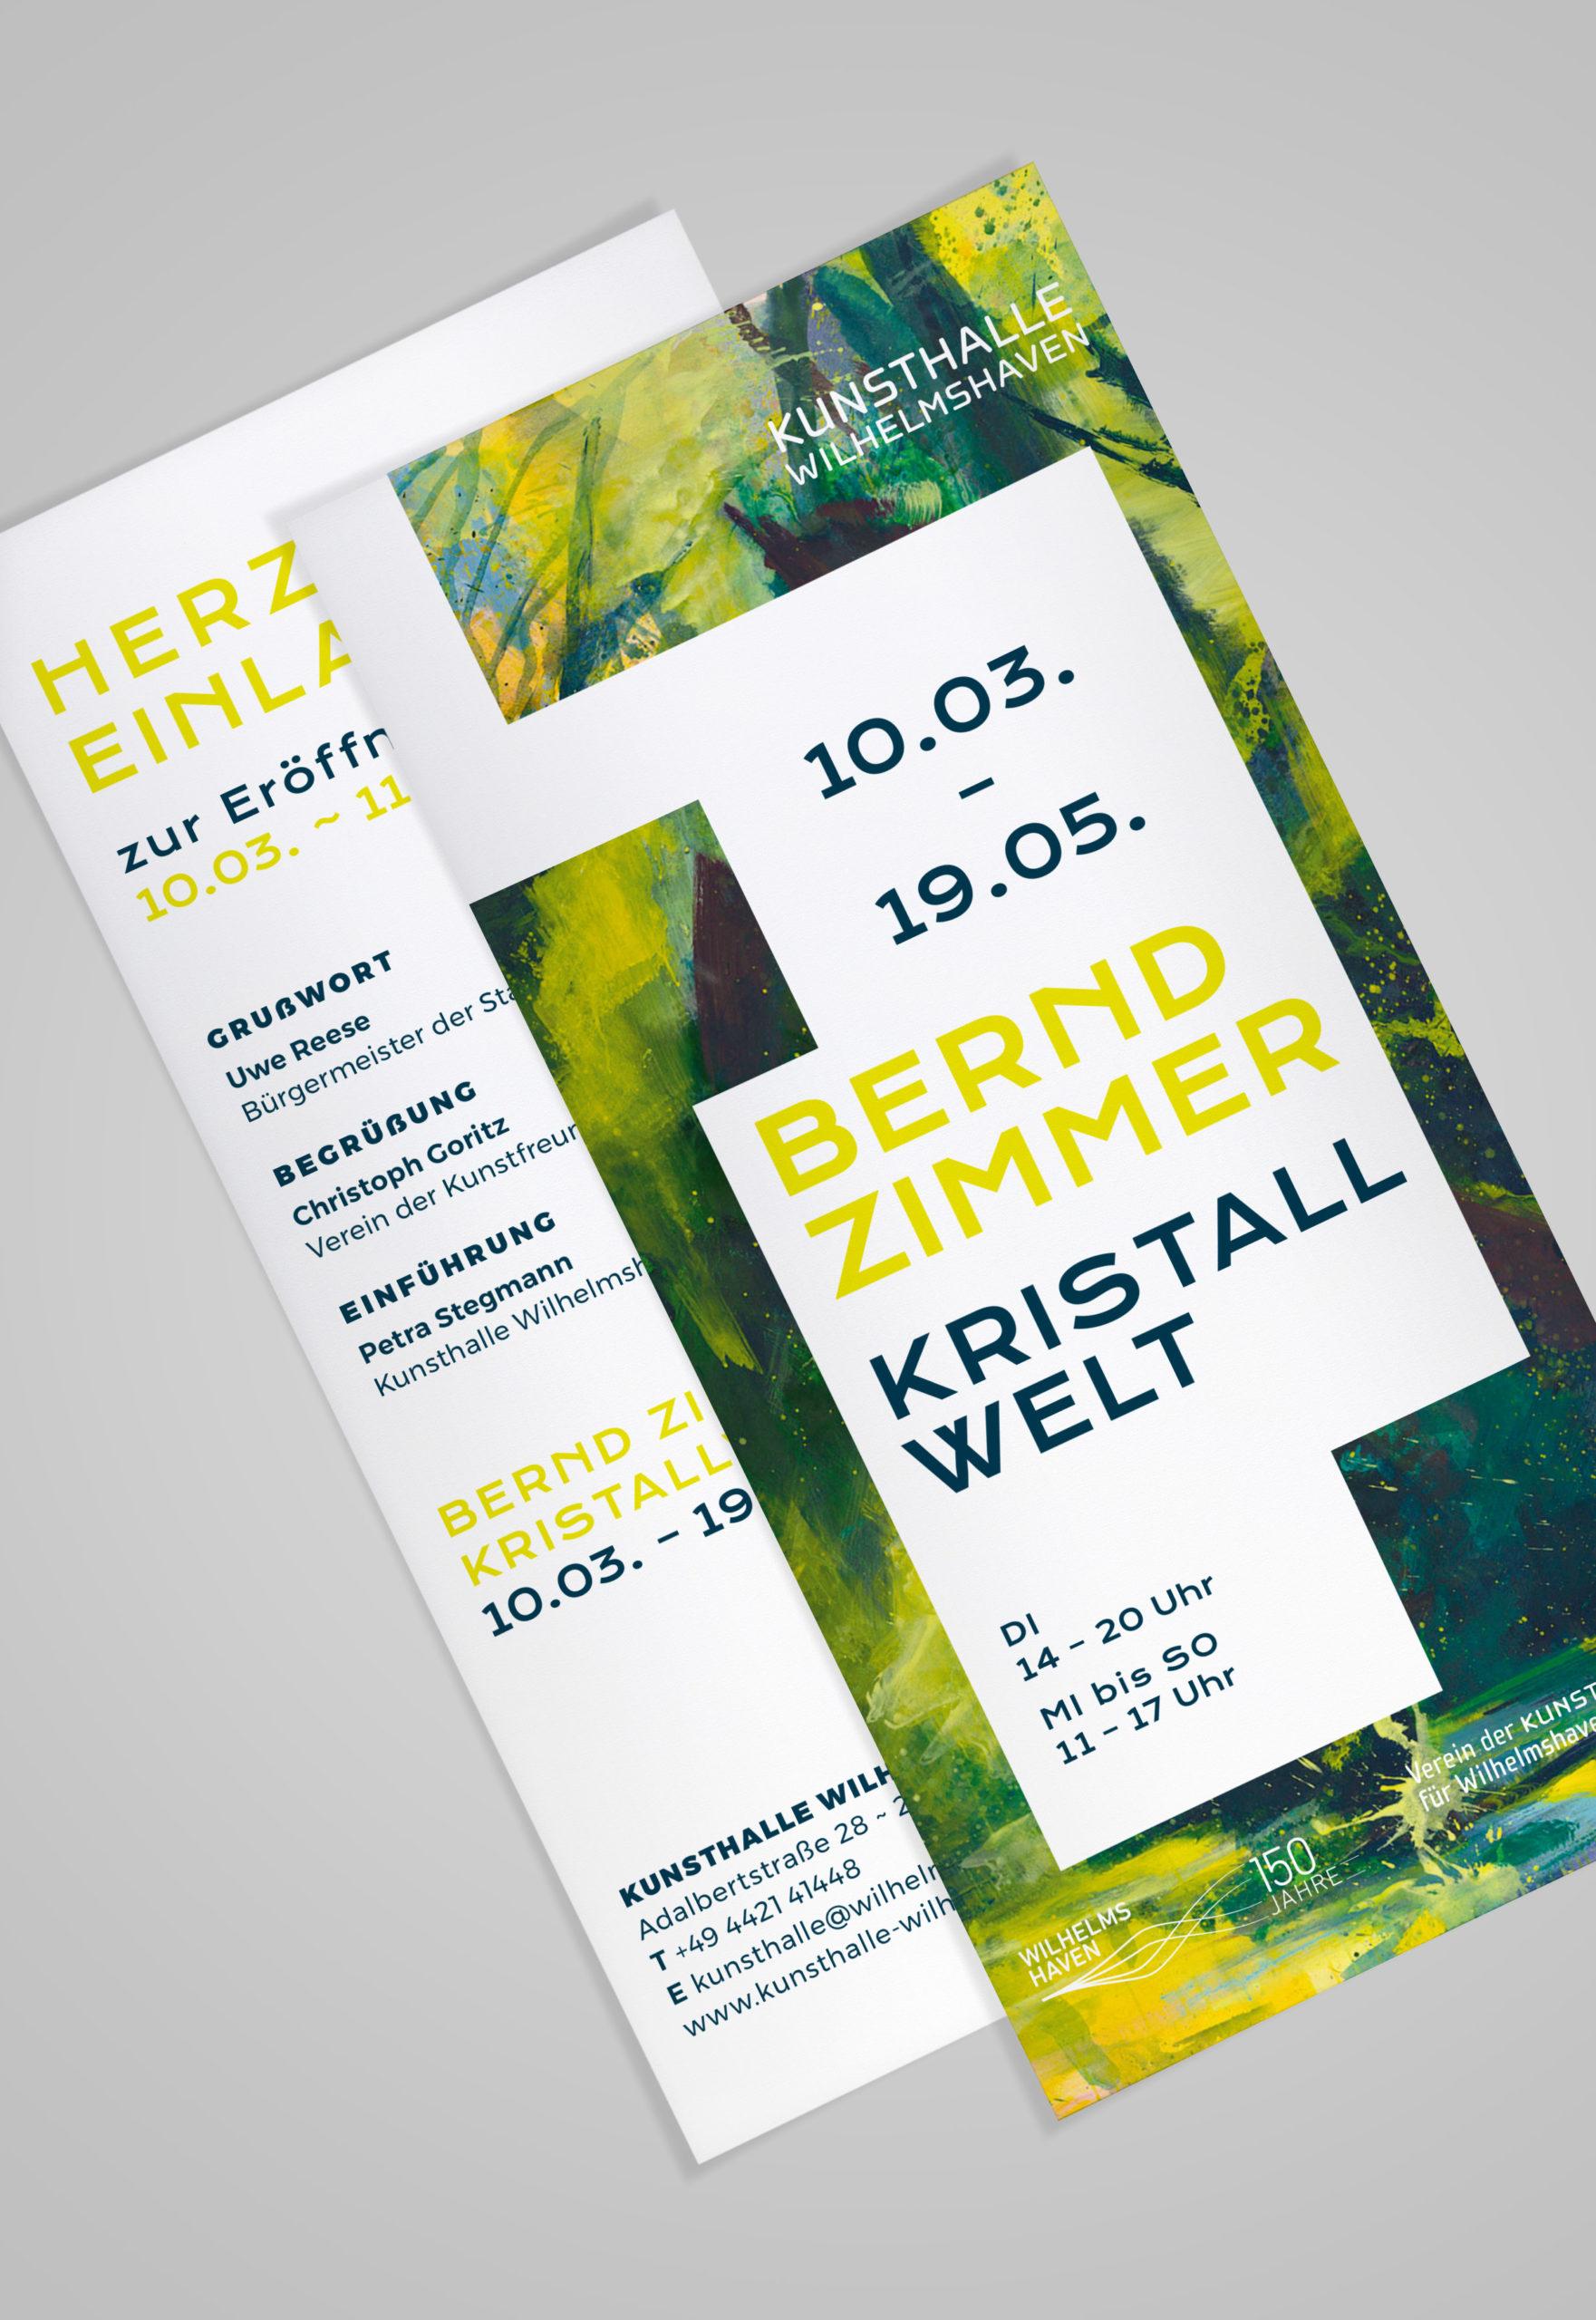 Kunsthalle-Wilhelmshaven_berndzimmer